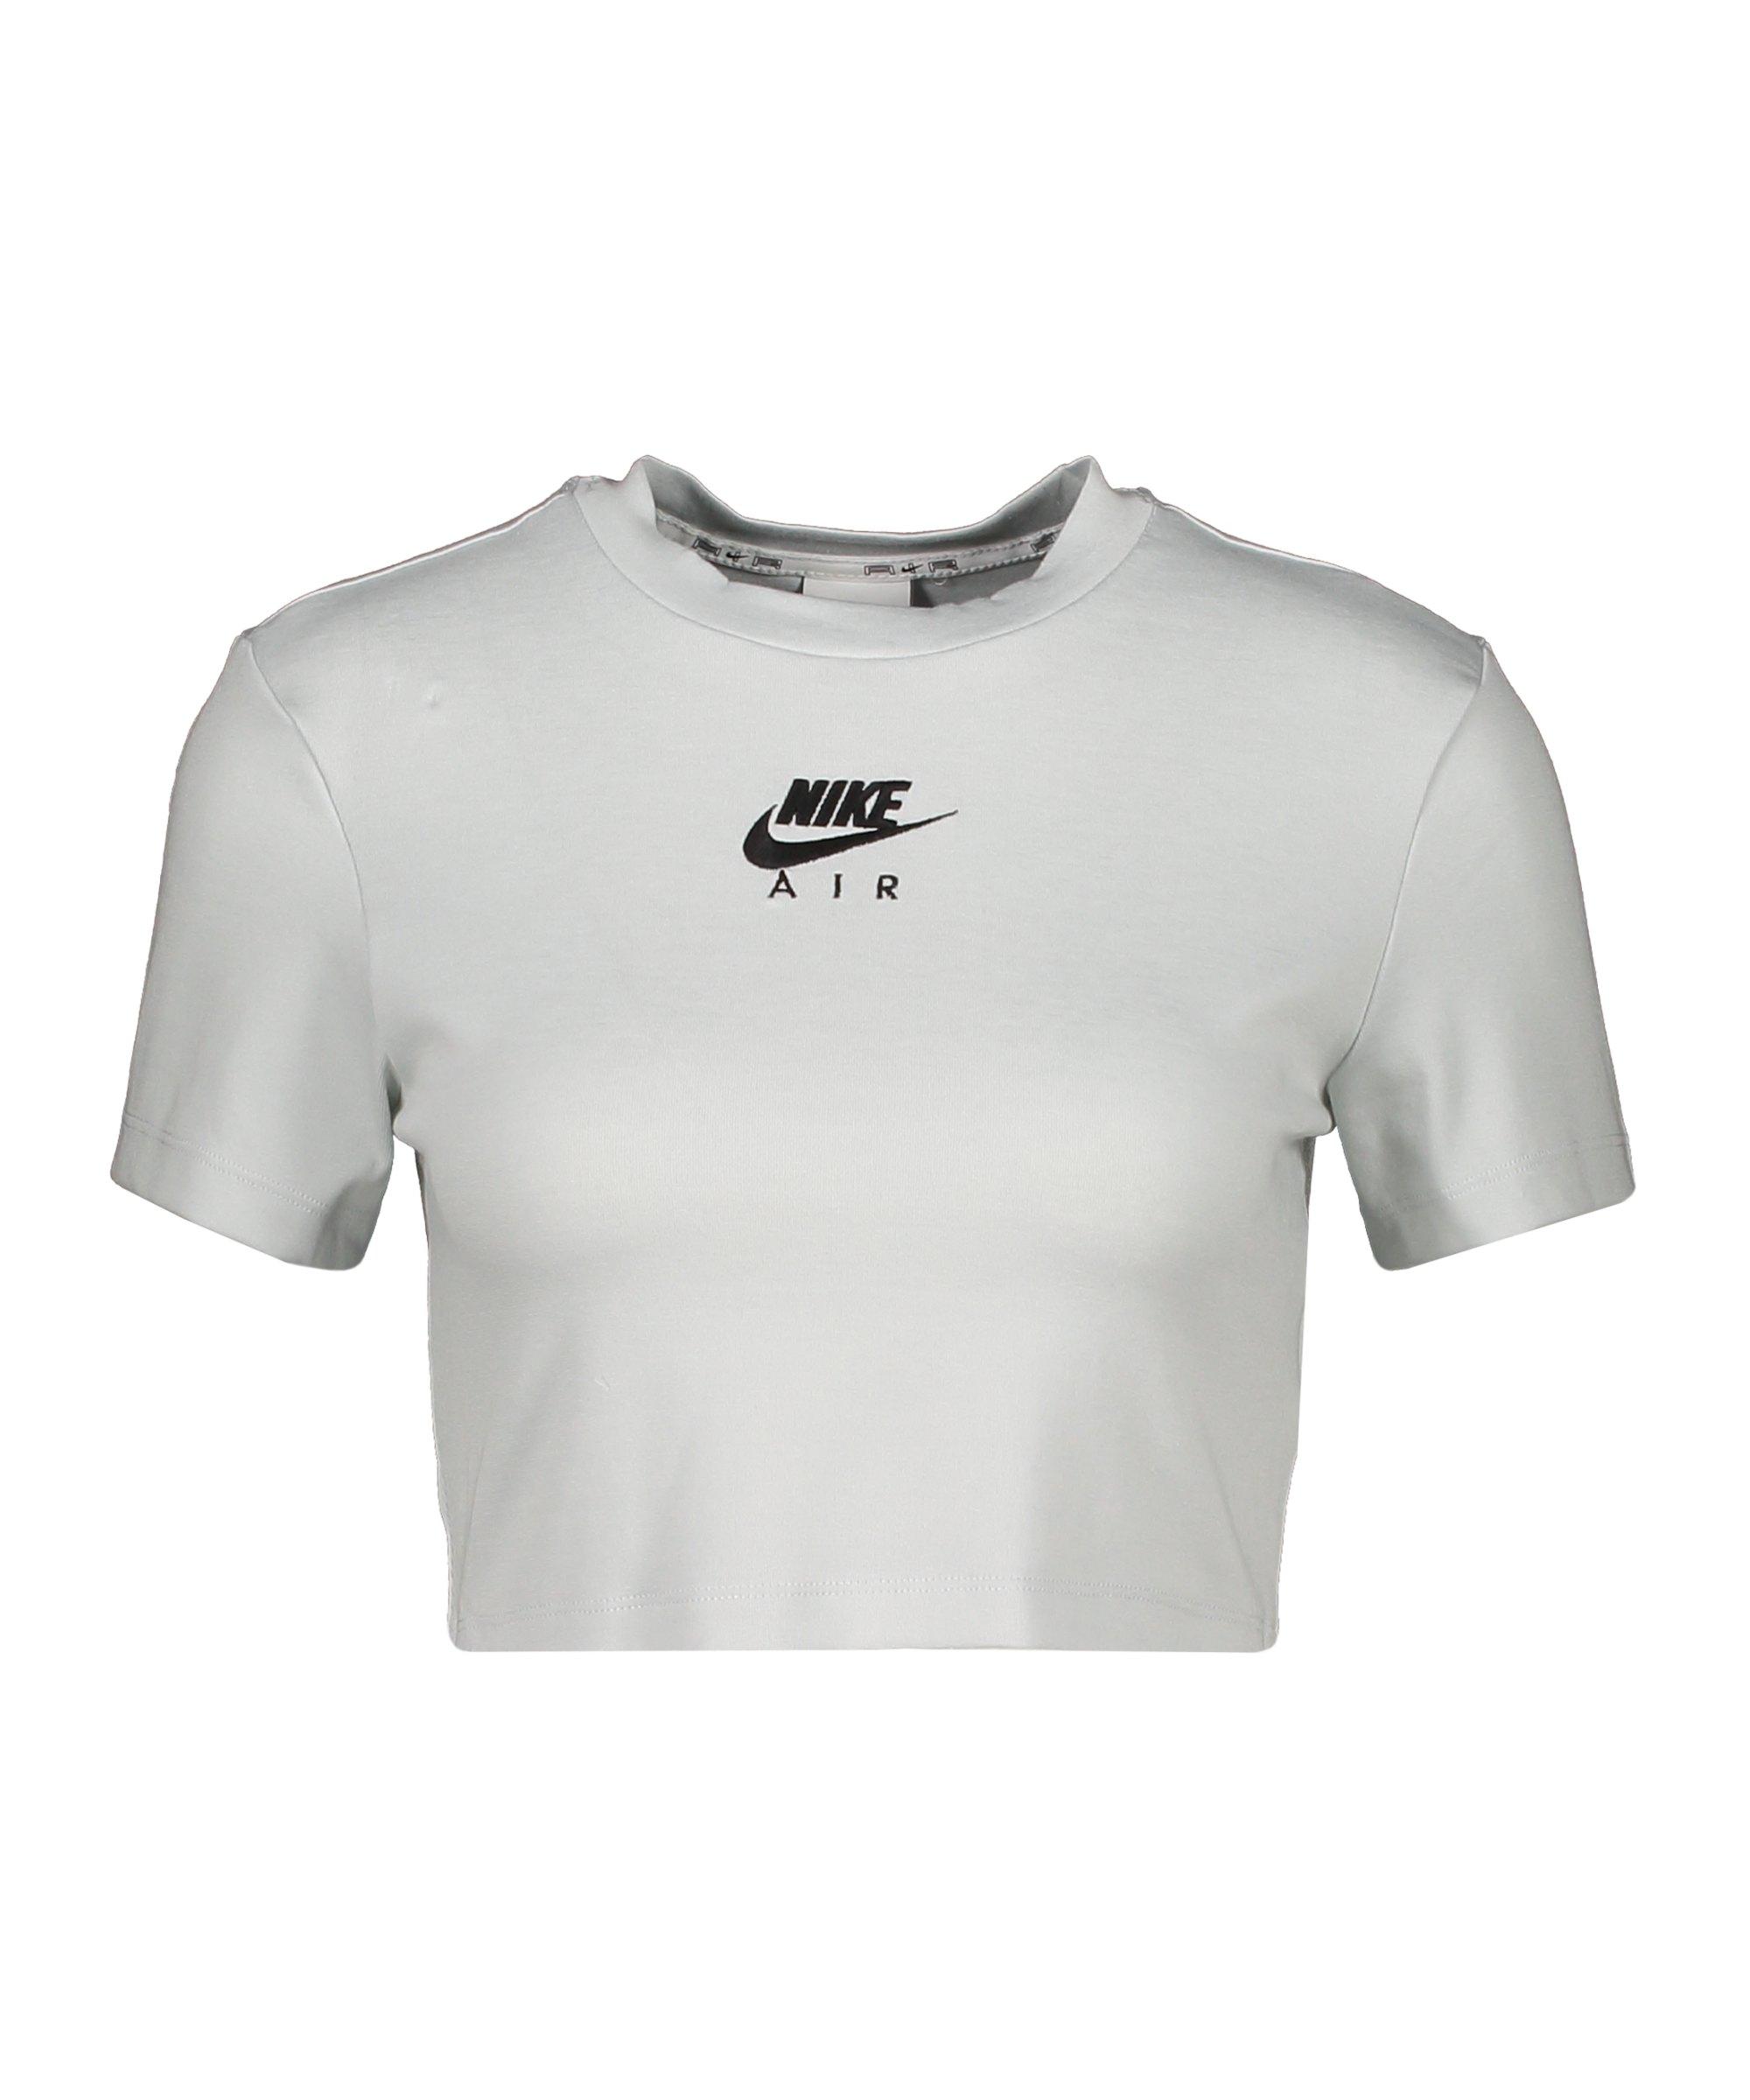 Nike Air Crop T-Shirt Damen Grau F043 - grau